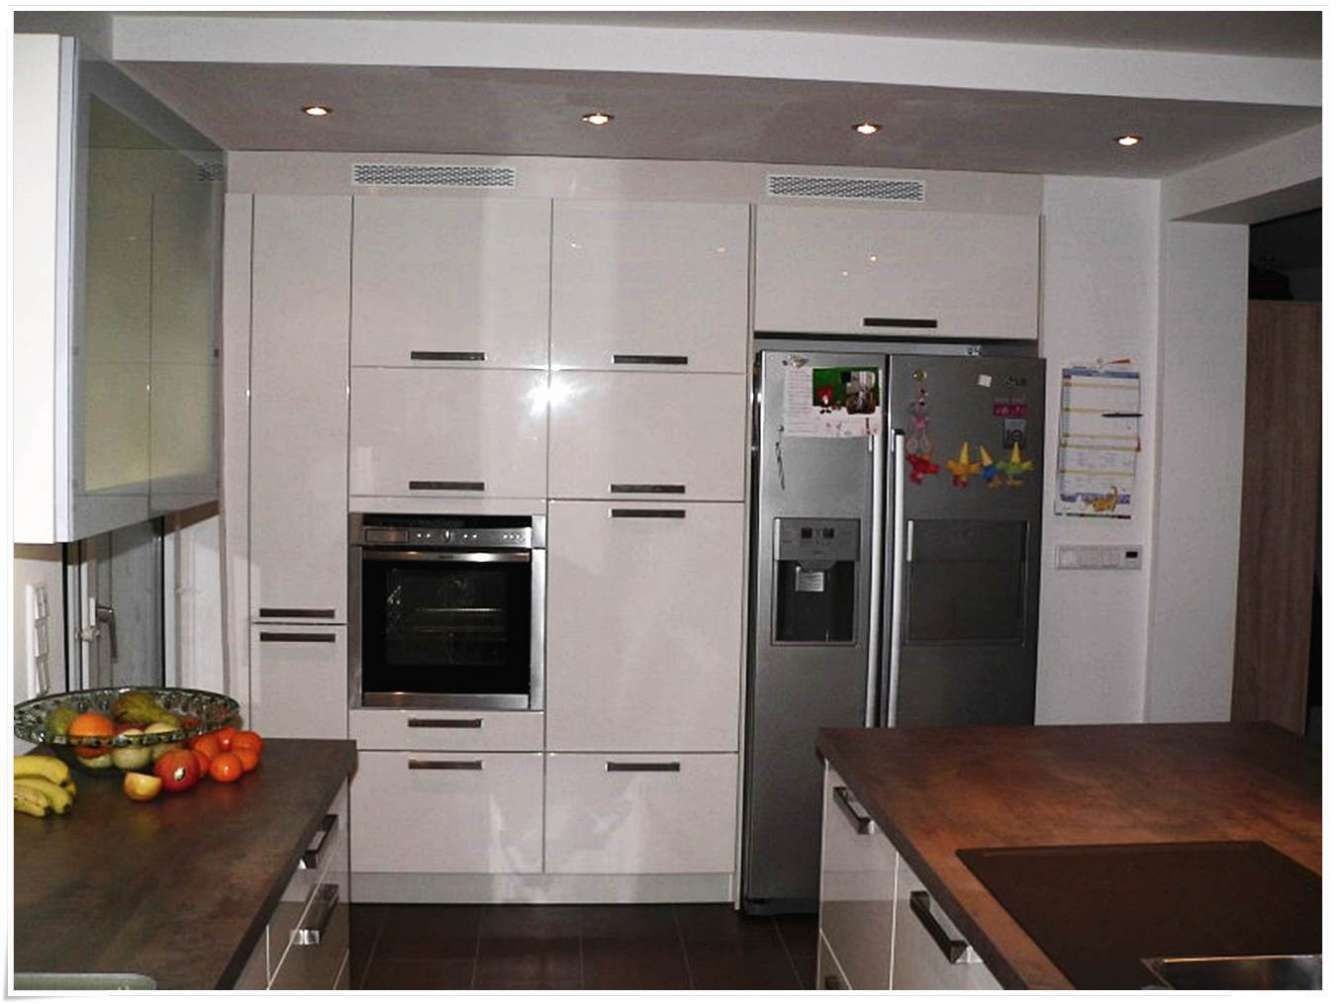 Küche Mit Side By Side Kühlschrank Home Ideen